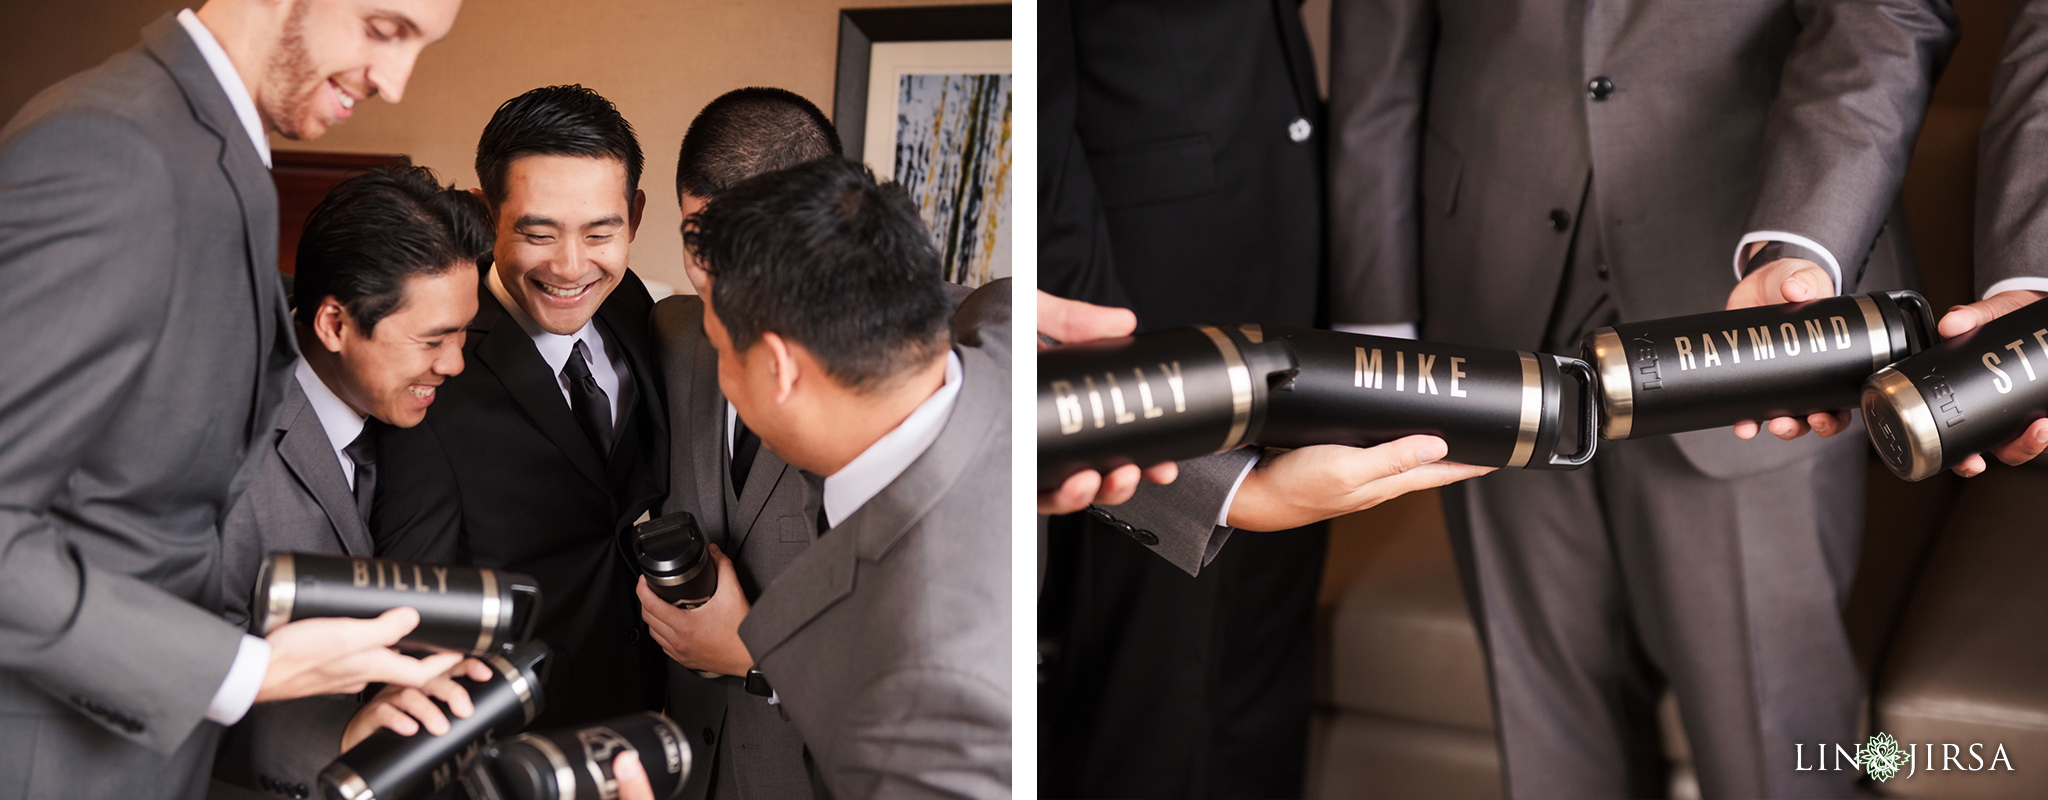 39 Coto de Caza Golf Club Wedding Photography